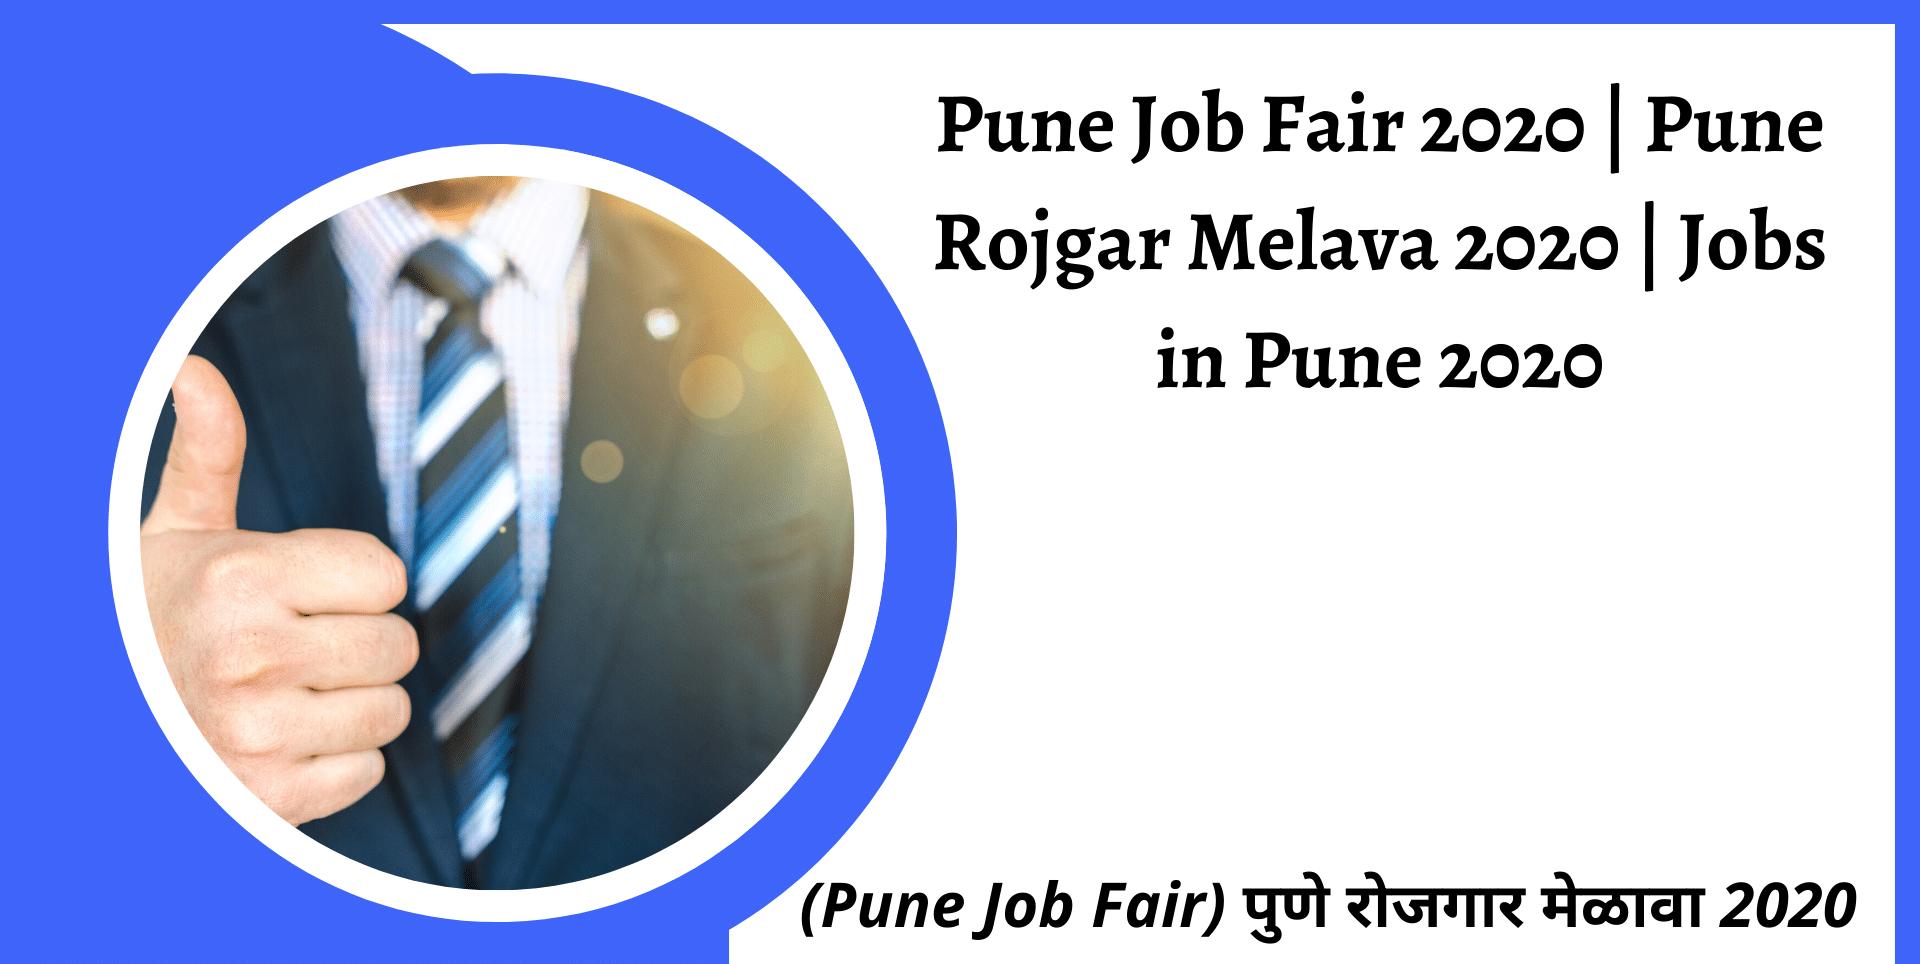 Pune Job Fair 2020